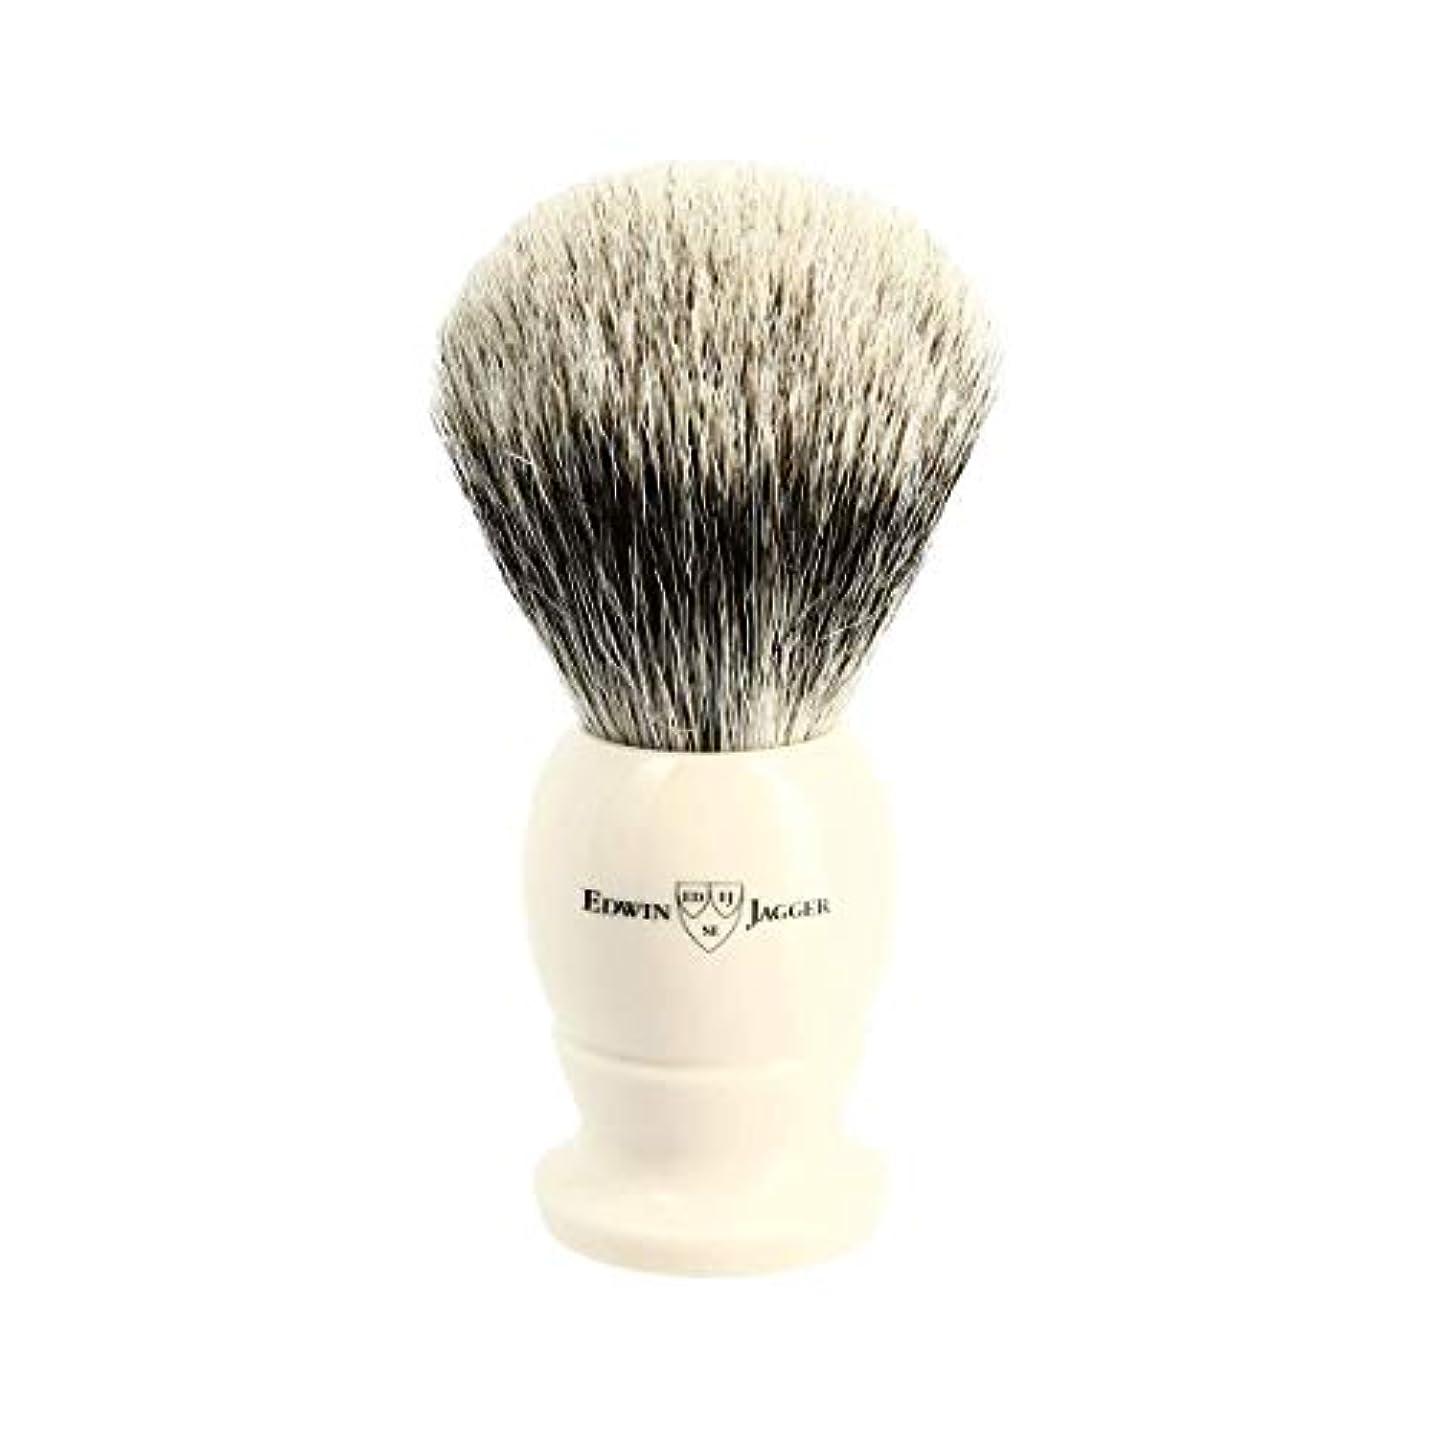 ブルゴーニュ見つけたインシデントエドウィンジャガー エボニー ベストバッジャーアナグマ毛 シェービングブラシエクストララージ5EJ877[海外直送品]Edwin Jagger Ebony Best Badger Shaving Brush Extra Large 5EJ877 [並行輸入品]